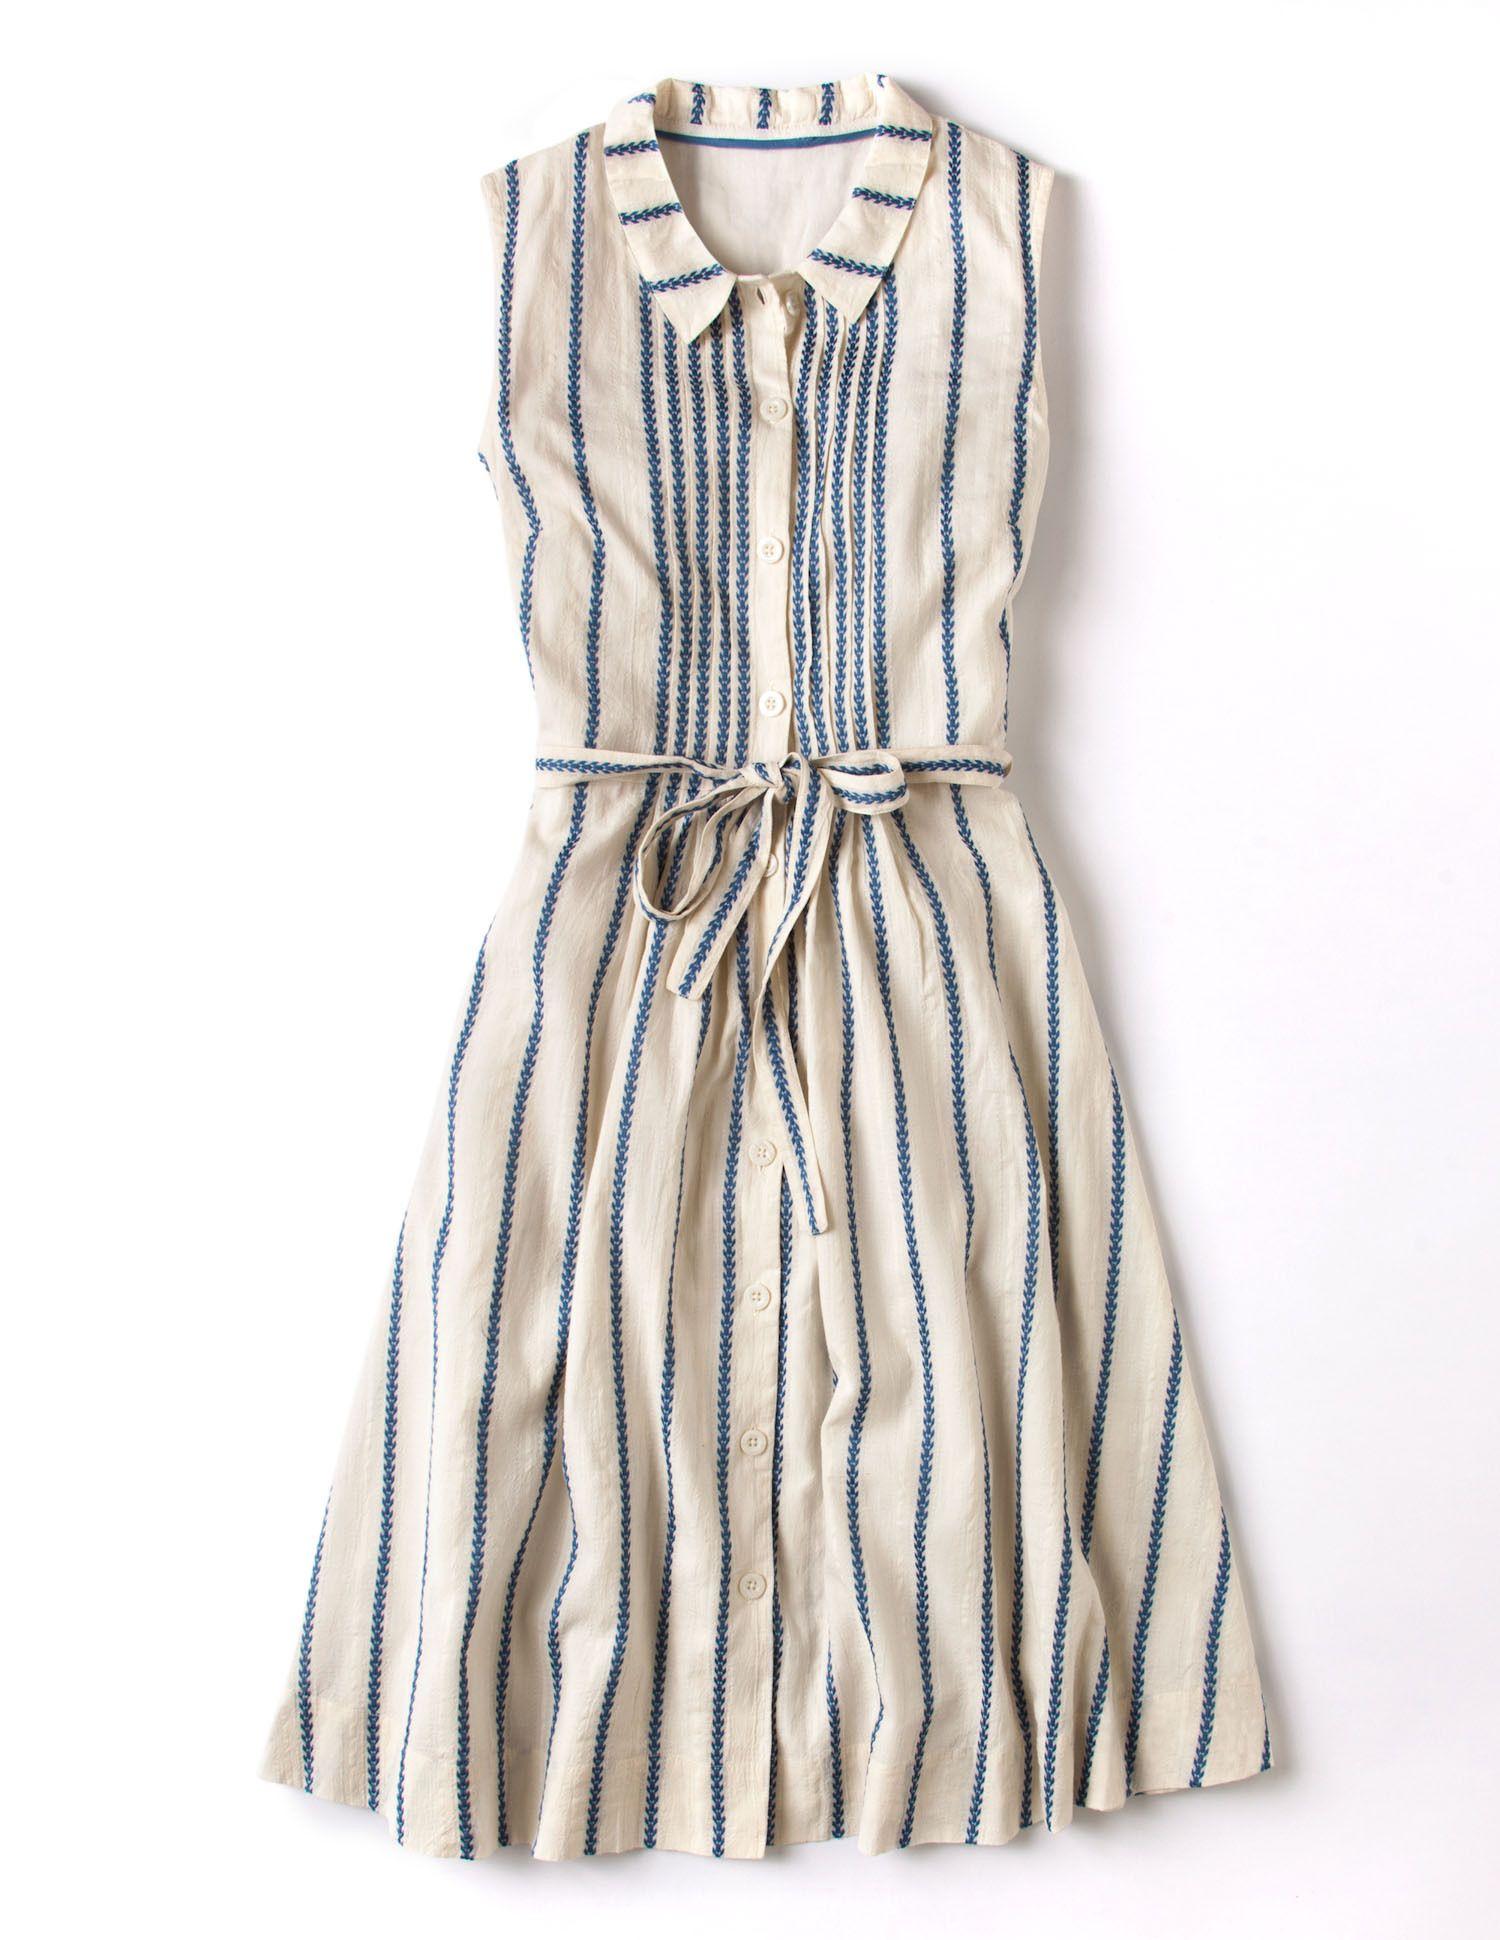 Monte Carlo Dress Clothes Kleider Kleidung Kleider Mode